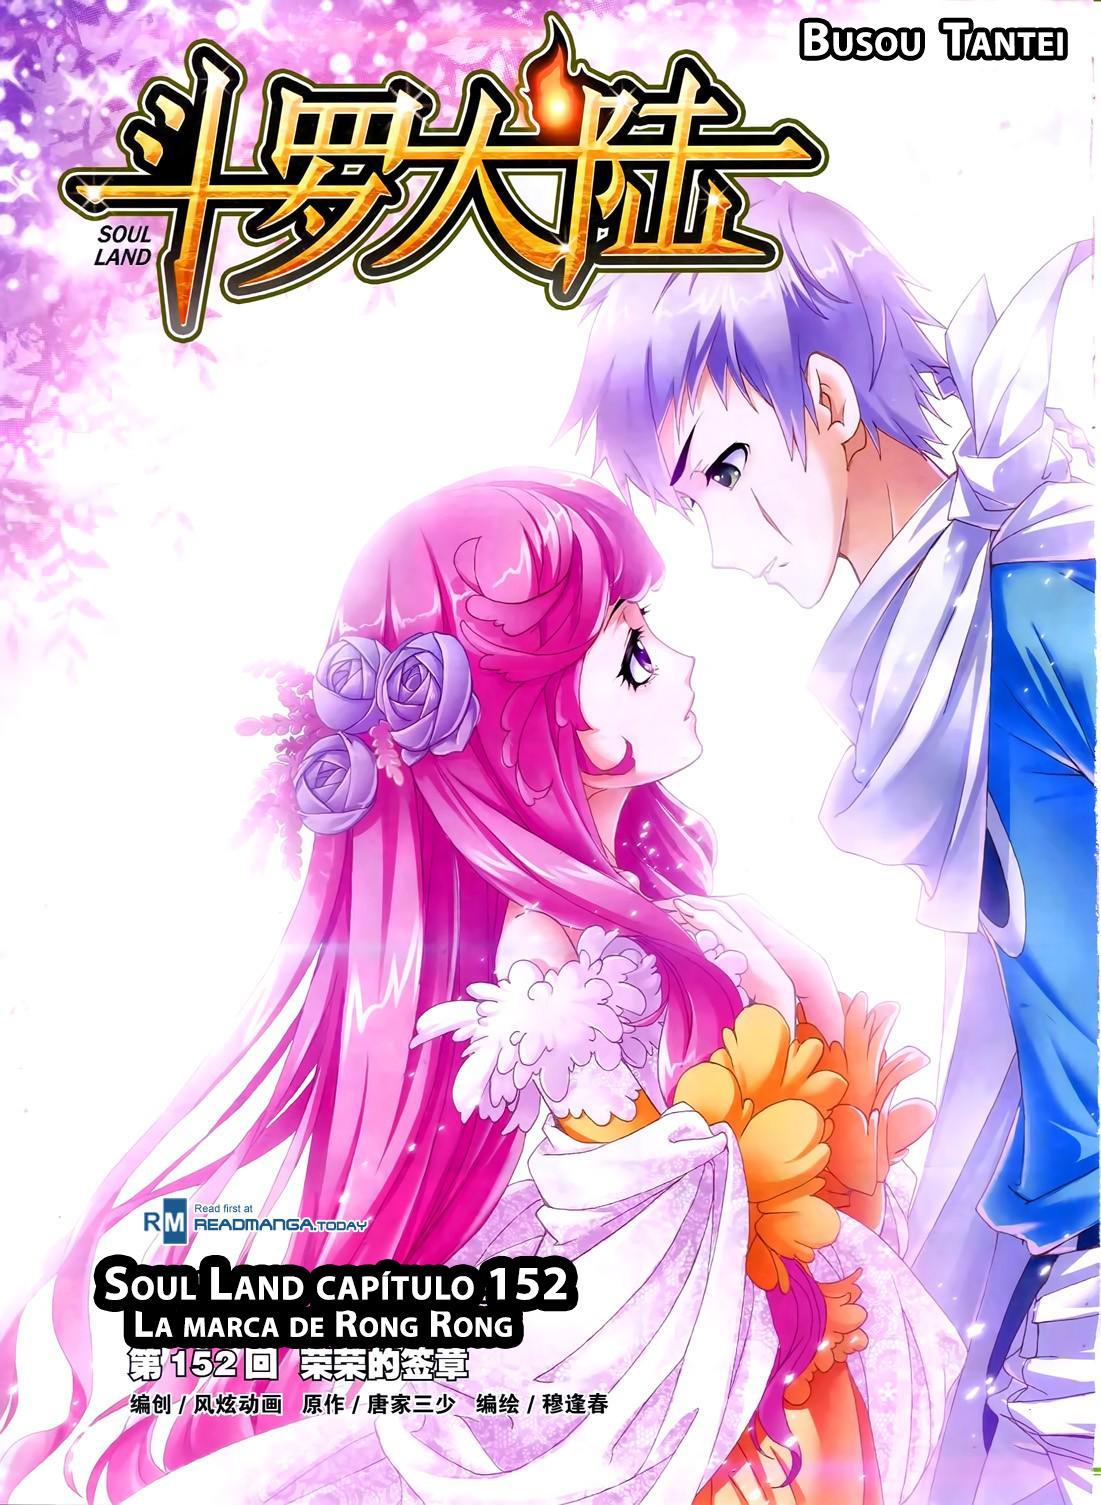 https://c5.mangatag.com/es_manga/18/16210/433627/2451041557a22145b3701b0184109cab.jpg Page 2